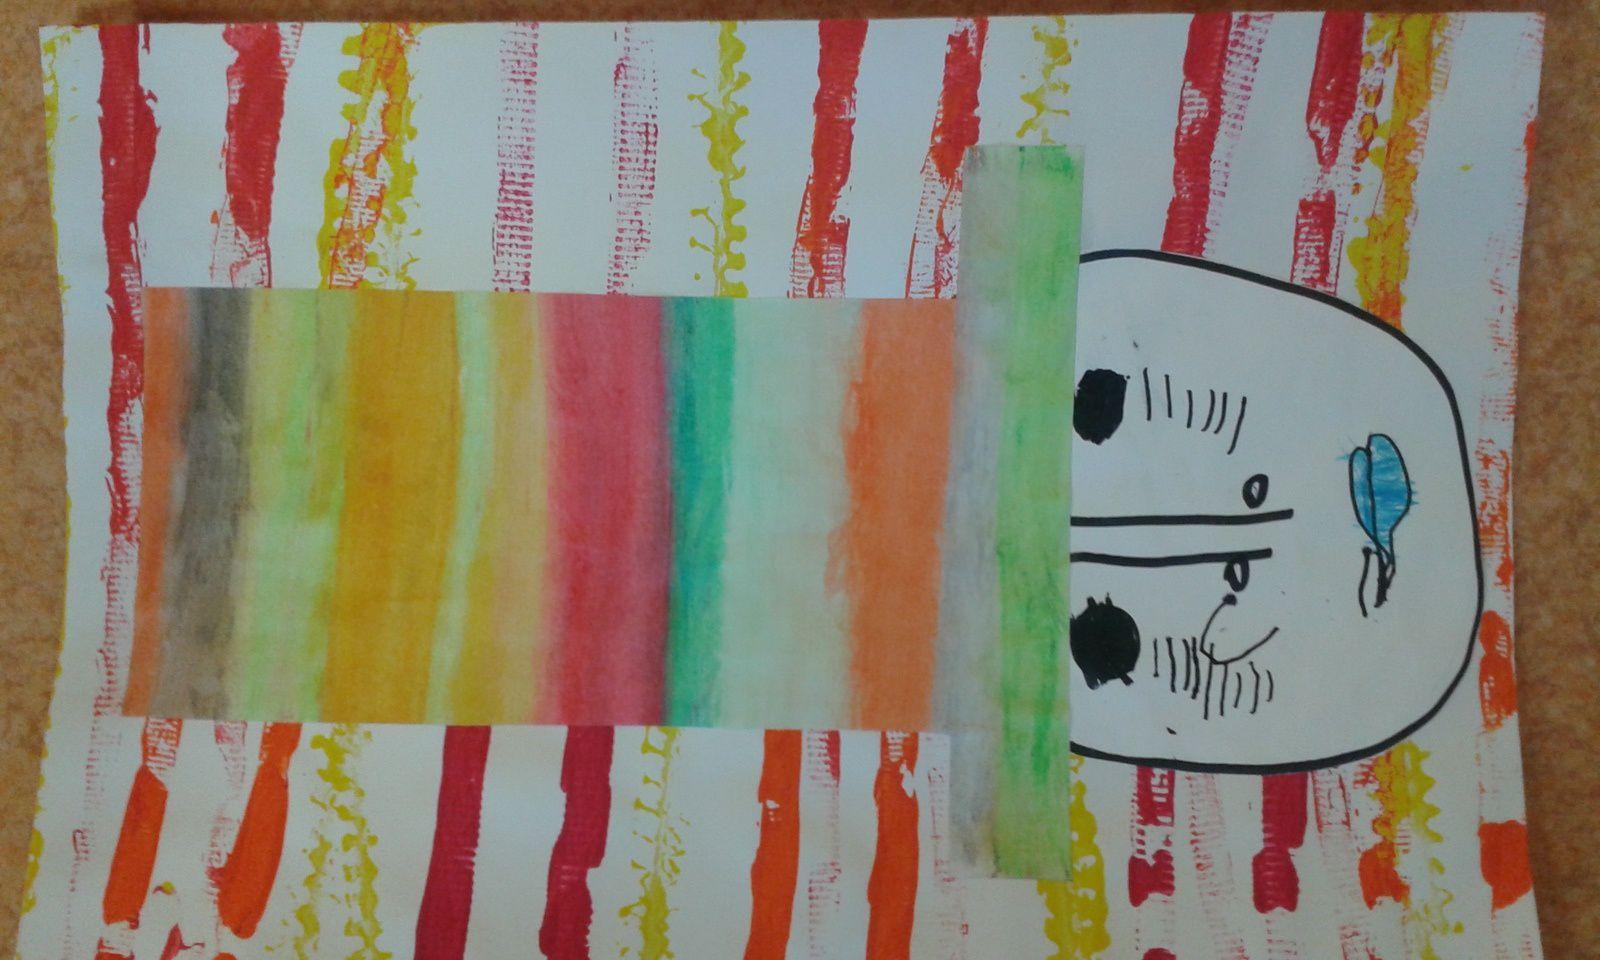 Le fond est réalisé en faisant rouler une petite voiture sur la feuille, dans le sens horizontal ( les roues sont trempées dans la peinture) . Le chapeau est découpé dans du papier canson blanc, colorié à la craie grasse, puis estompé avec un coton imbibé d'huile. Le visage est dessiné par chaque enfant, à partir du dessin dirigé.